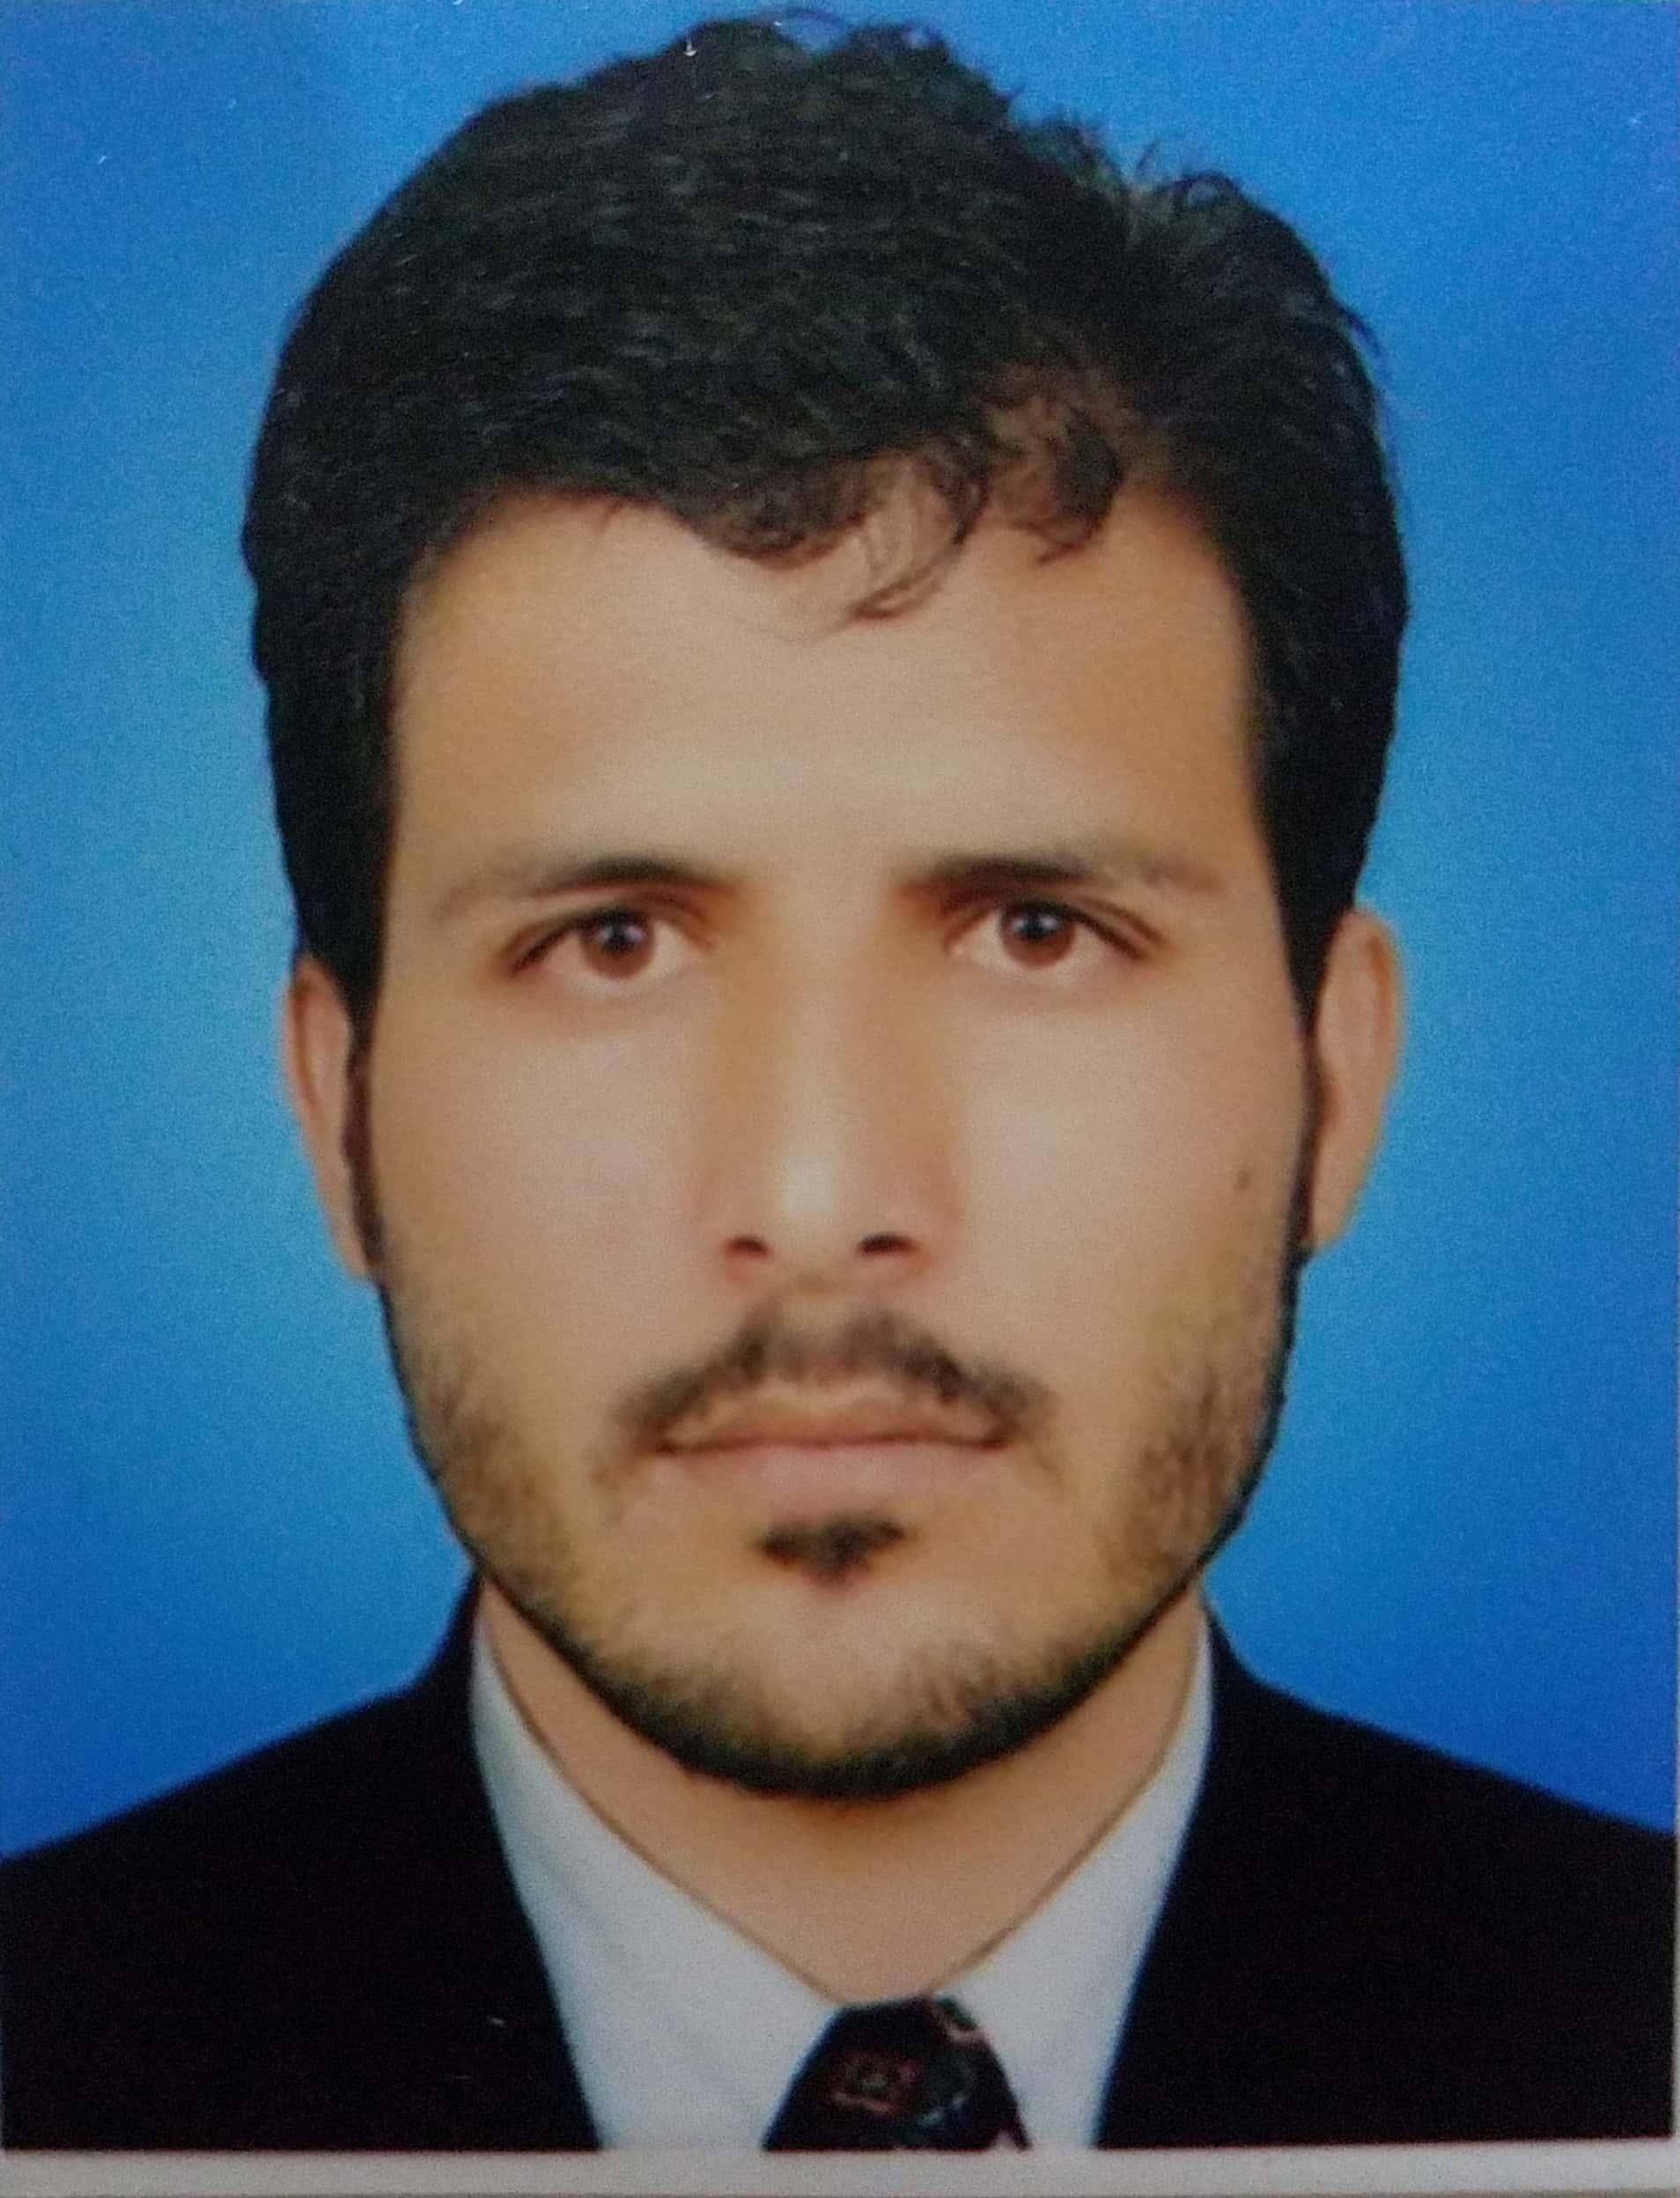 Abdur Rashid